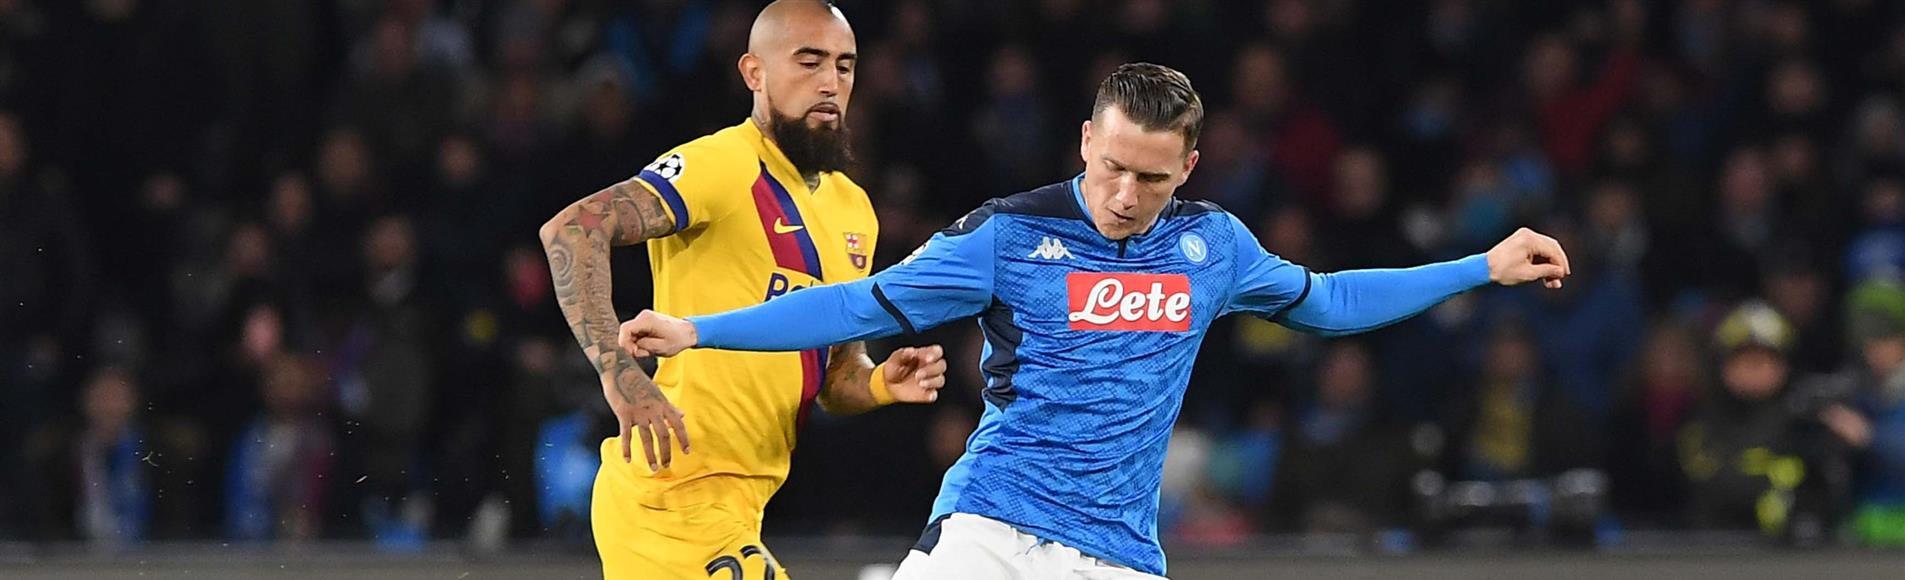 Anche il Napoli dice Thank You, ok a iniziativa Uefa |  Sport e Vai